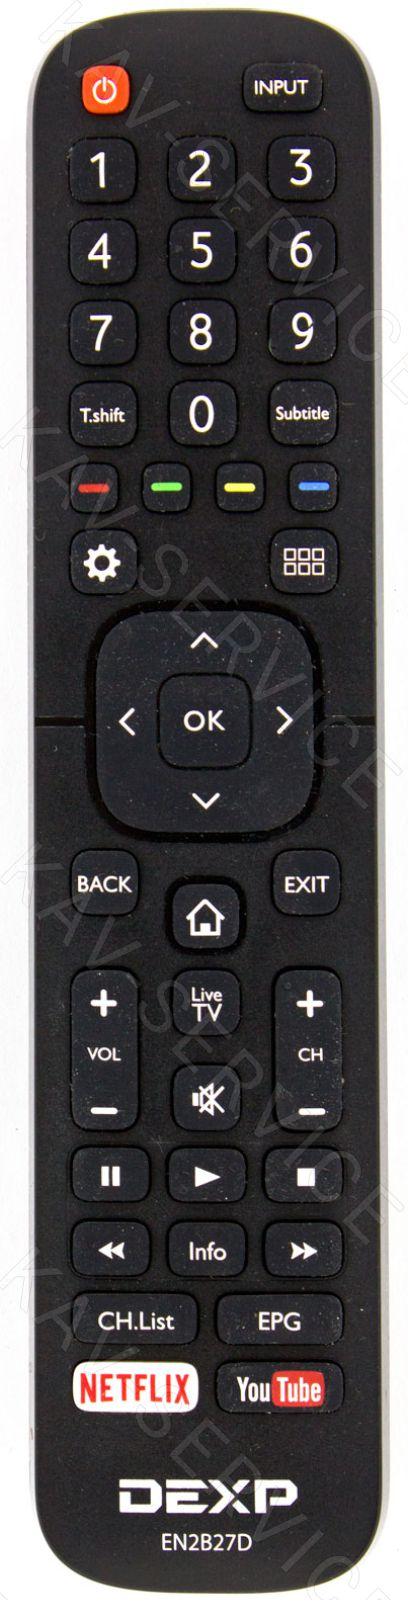 EN2B27D - Пульт дистанционного управления ЖК телевизора DEXP